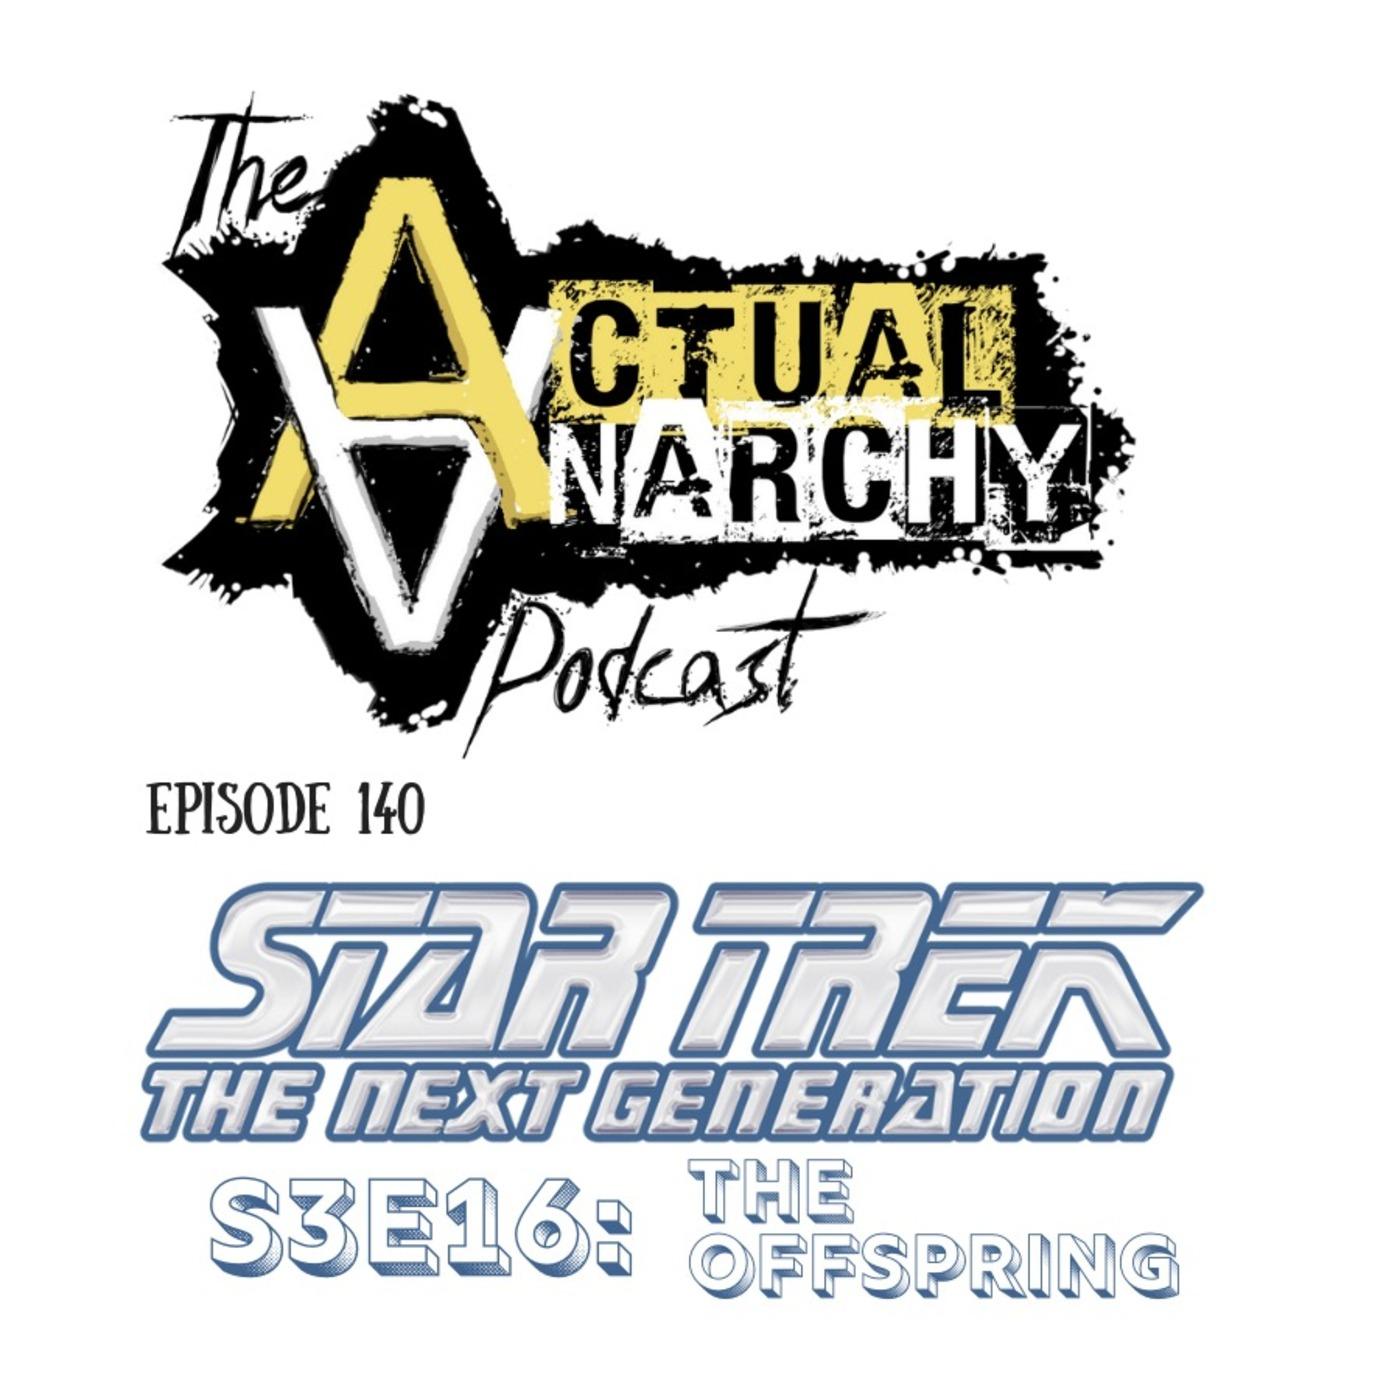 Episode 140 - Star Trek: TNG - S3E16 The Offspring (56:04